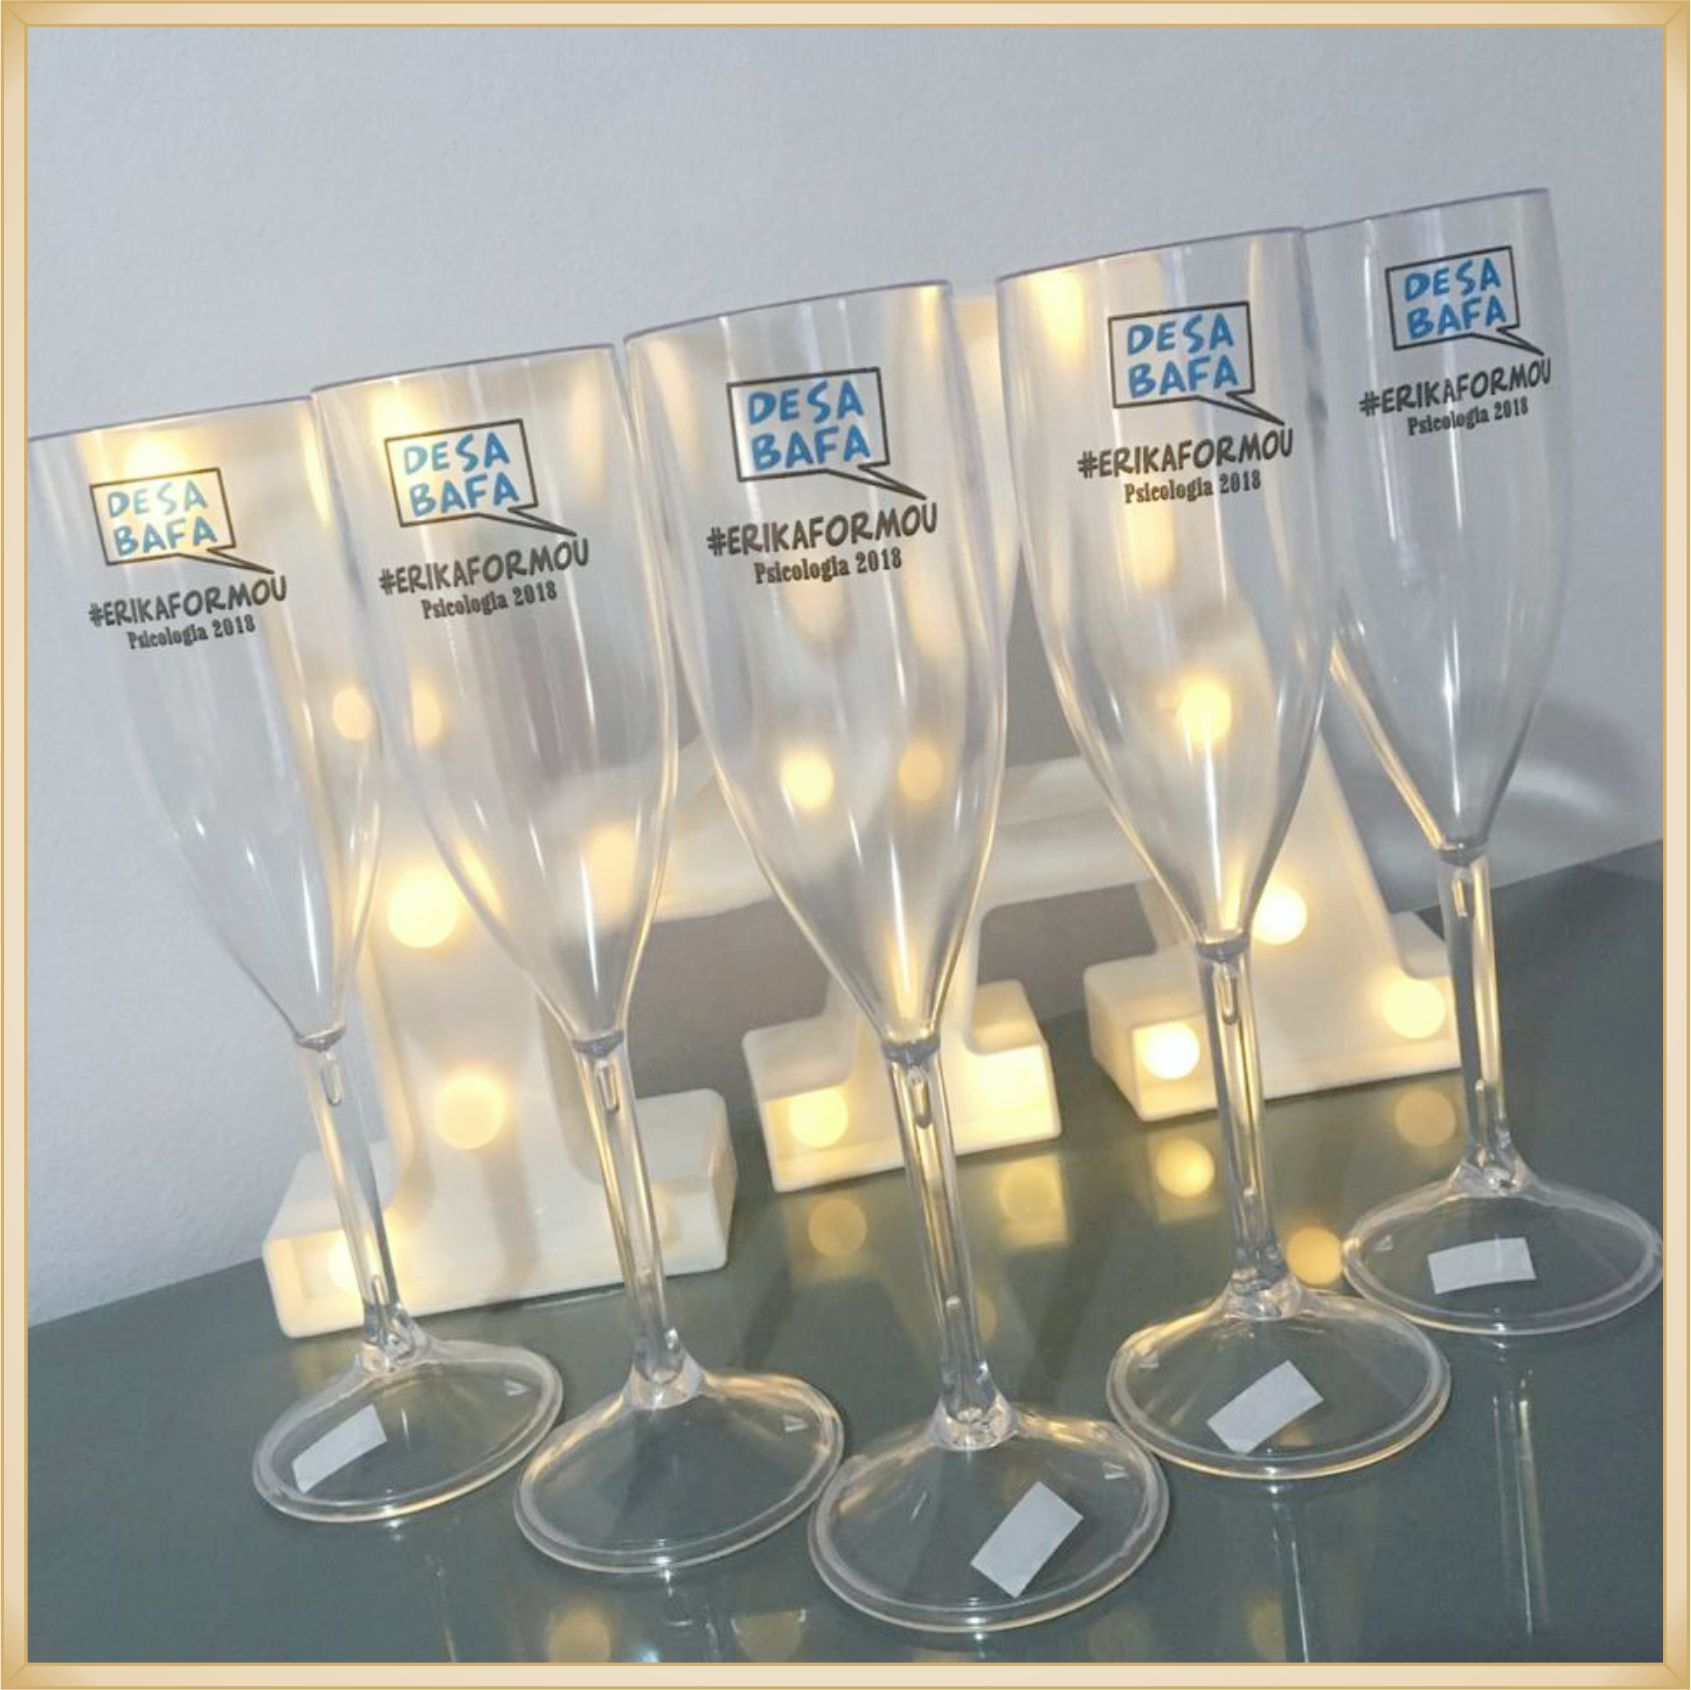 Taças de champanhe acrílico Personalizadas - material de qualidade, brilhante, acabamento perfeito, parede de 2,0 mm, 190 ml. kit 30 unidades